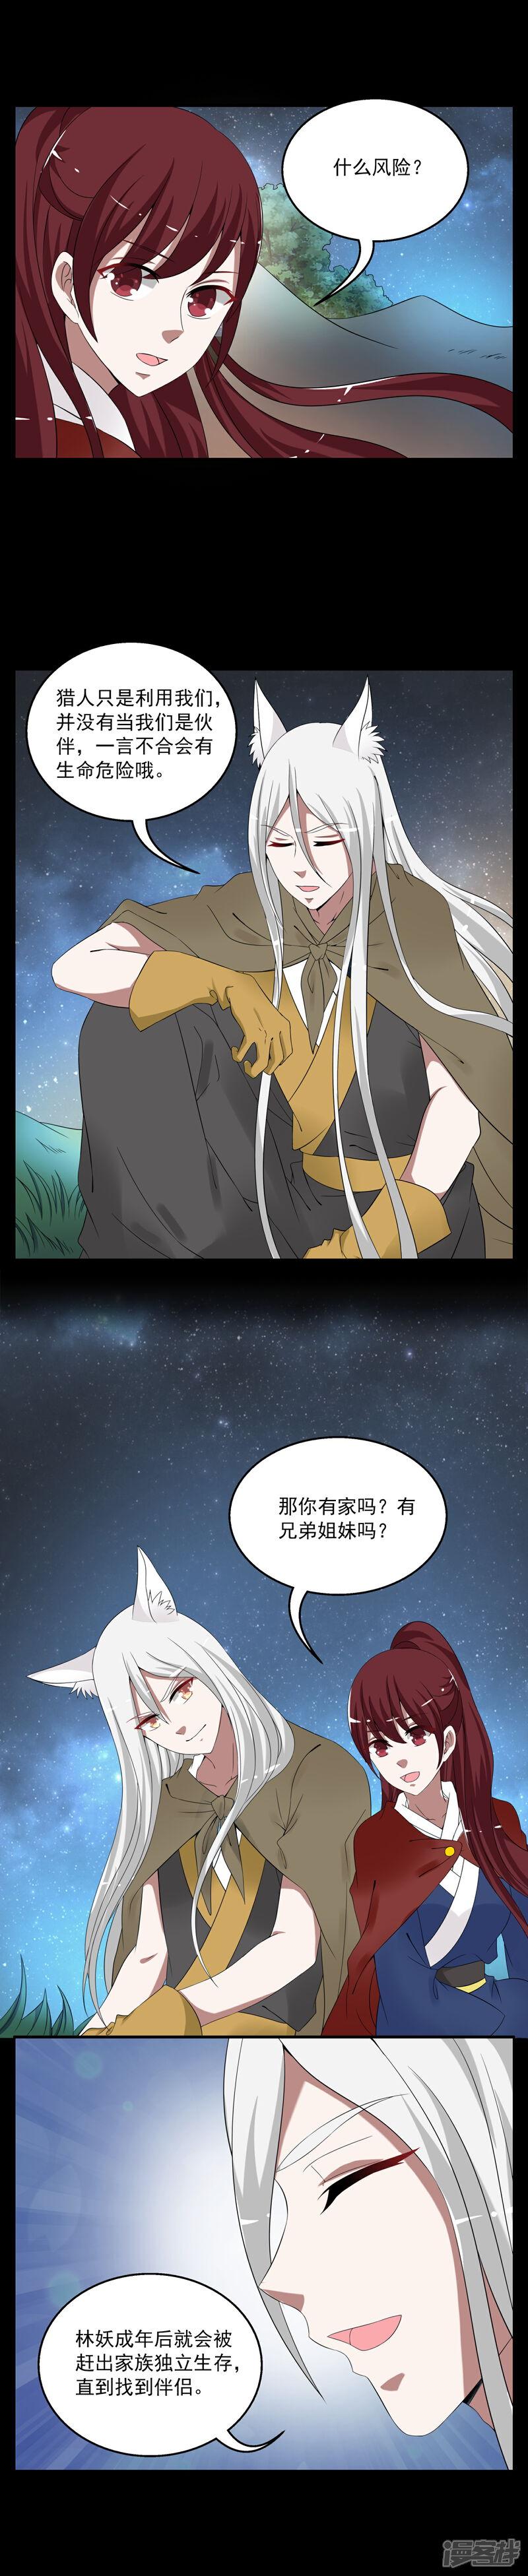 洛小妖177 (2).JPG